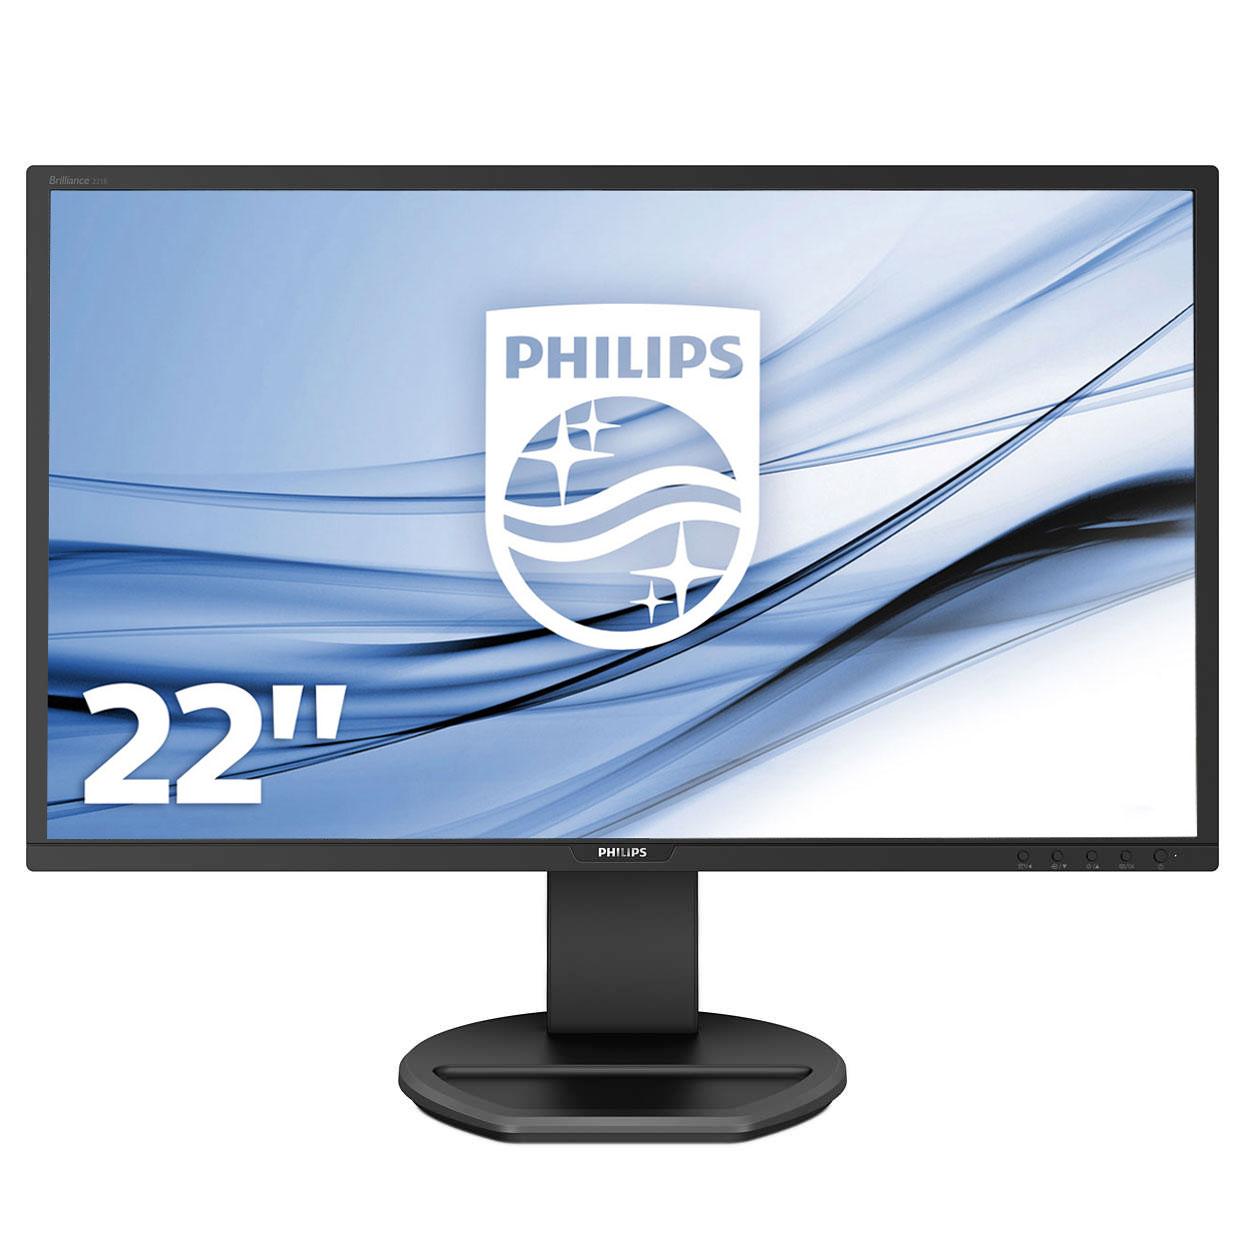 """Ecran PC Philips 21.5"""" LED - 221B8LJEB 1920 x 1080 pixels - 1 ms - Format large 16/9 - Dalle TN - Pivot - HDMI/DP/DVI/VGA - Hub USB -  Noir"""